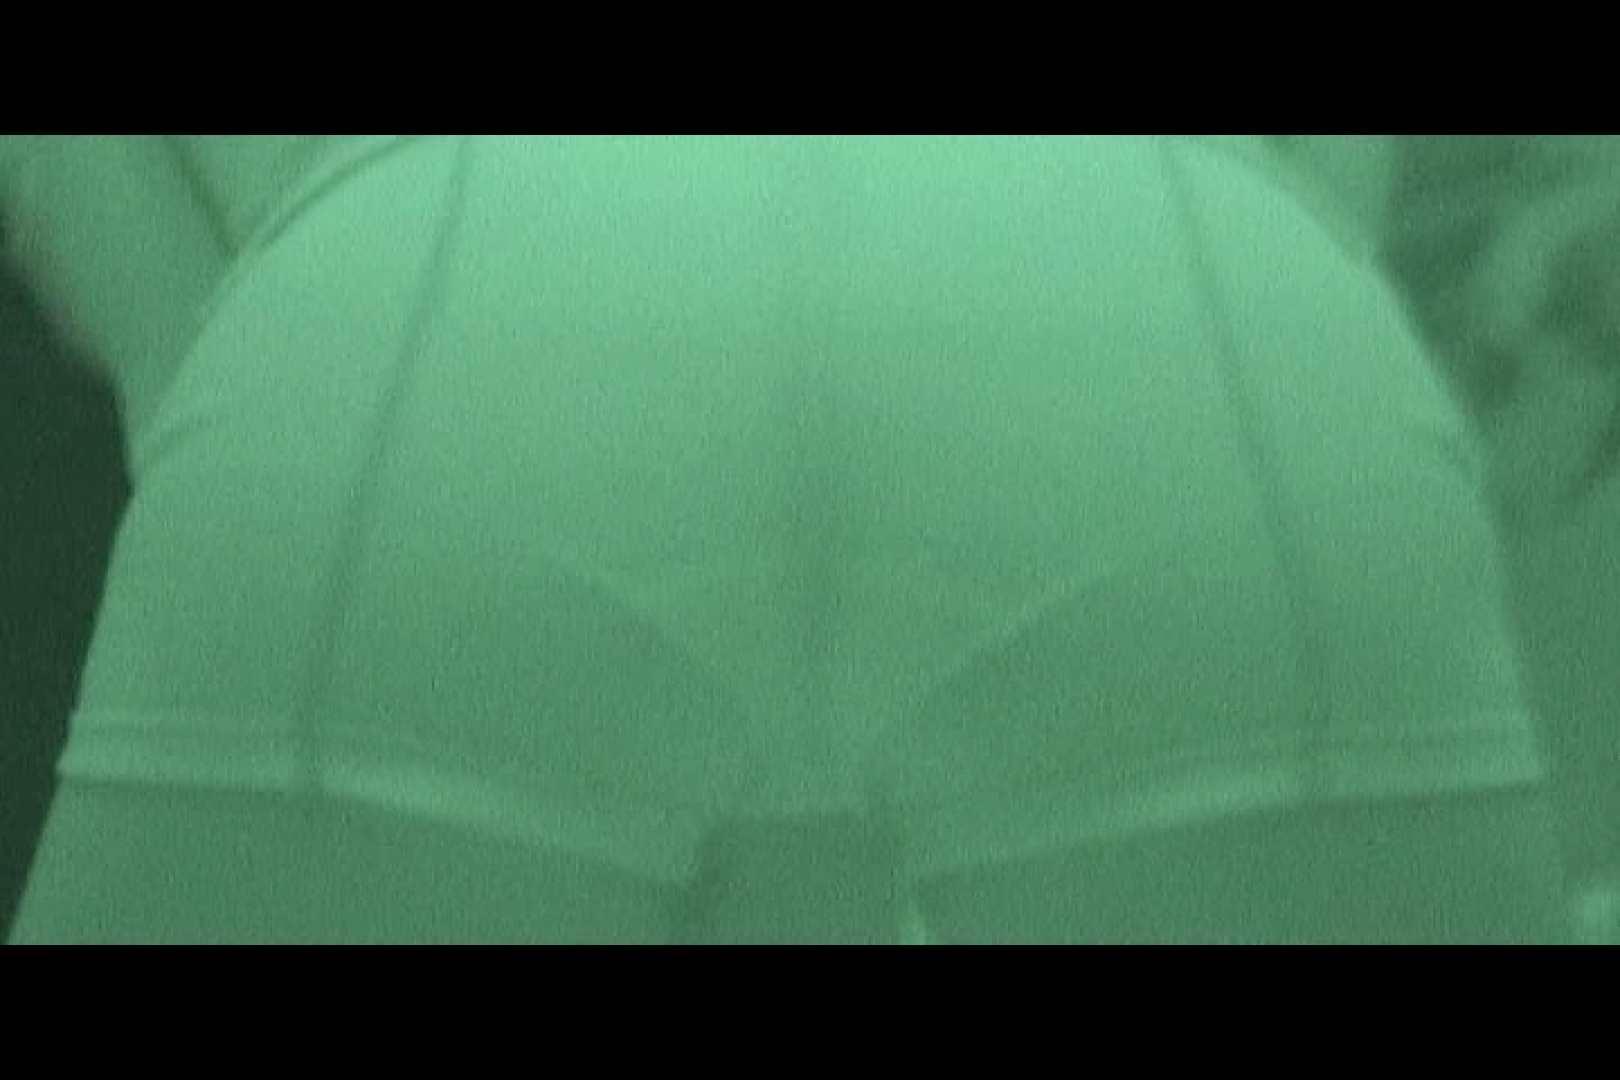 赤外線ムレスケバレー(汗) vol.10 赤外線 | HなOL  53pic 20